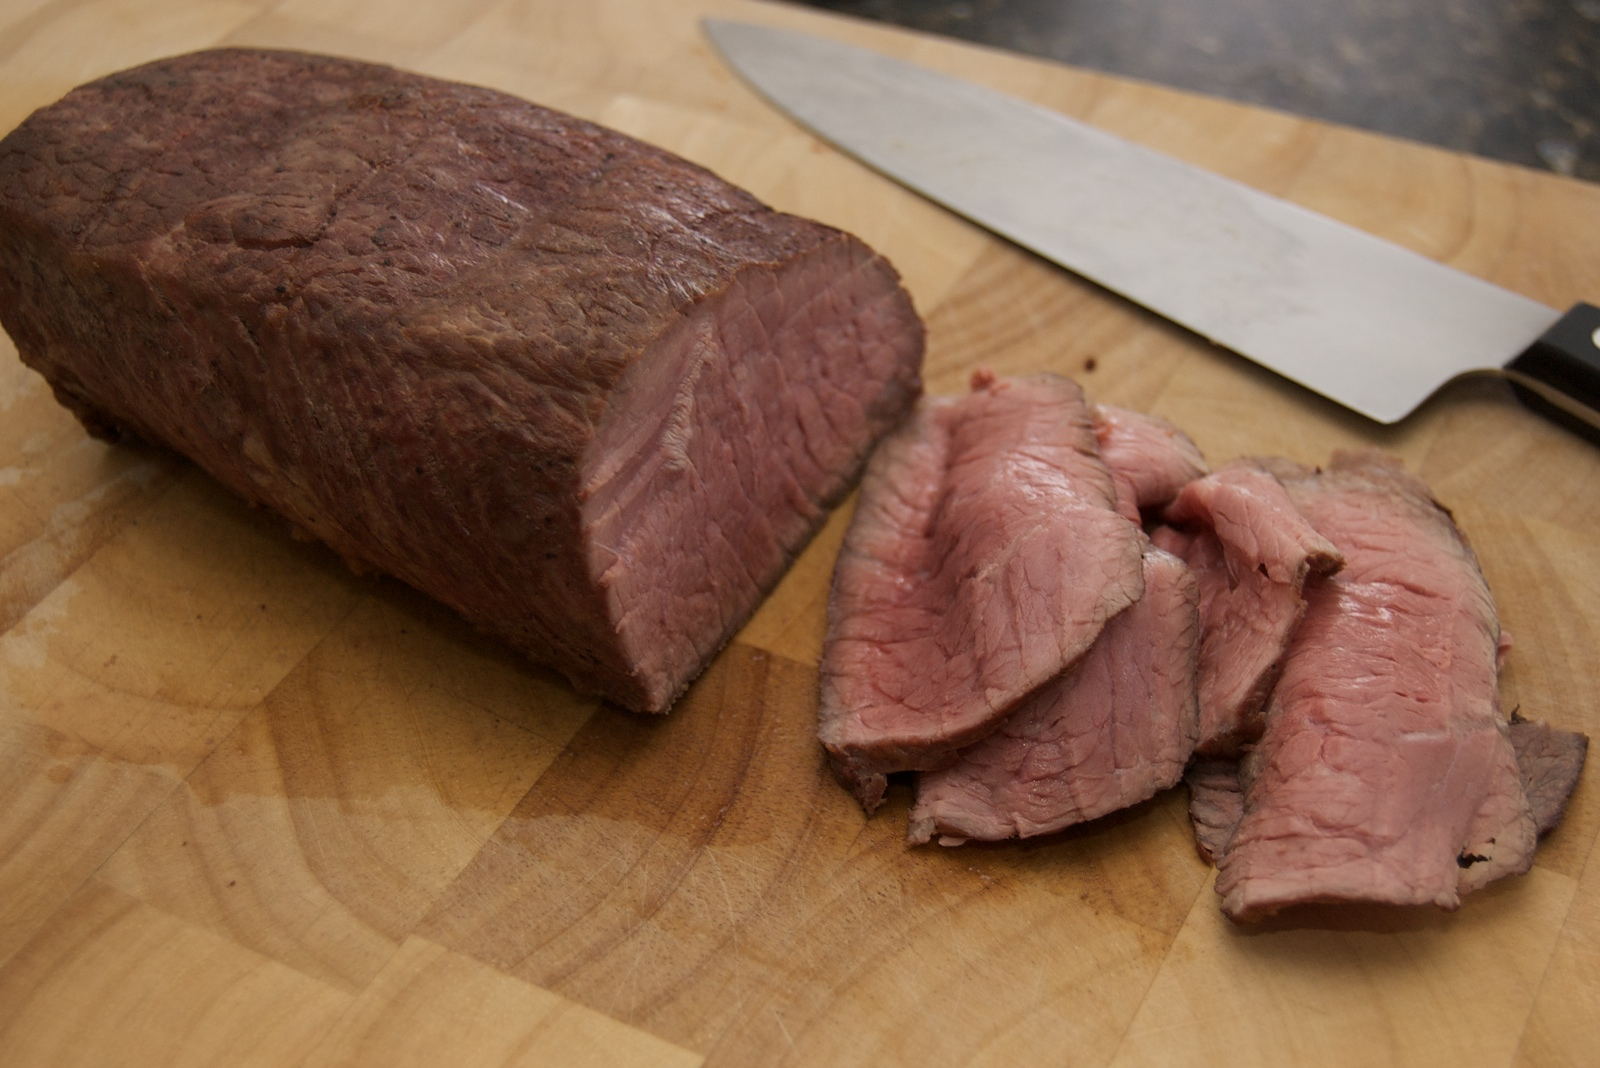 http://blog.rickk.com/food/2010/02/27/beef3.jpg